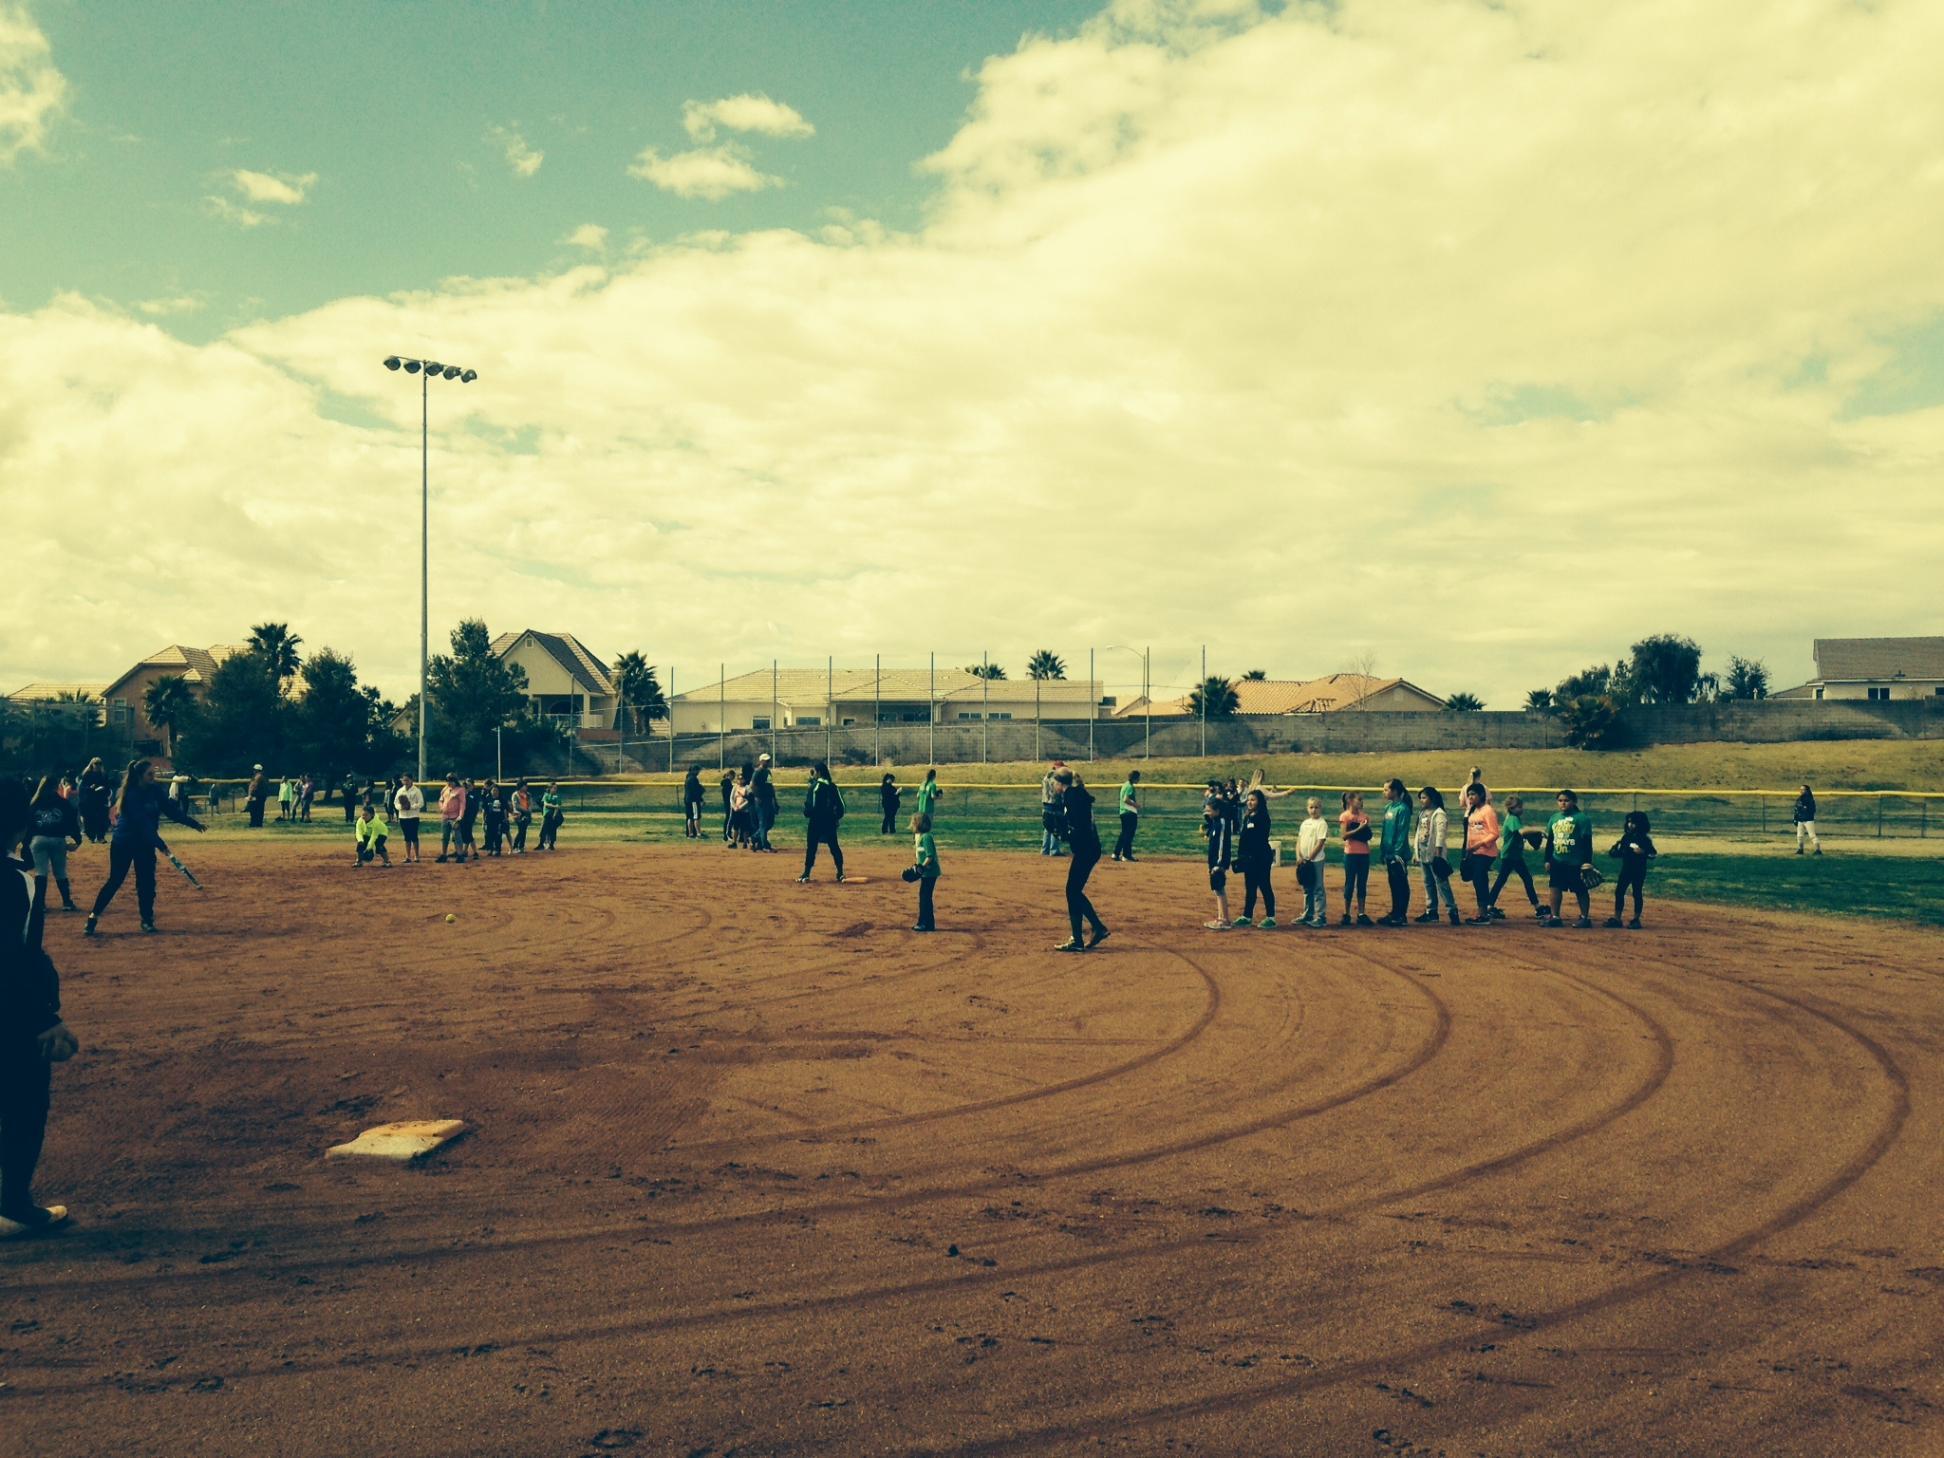 Huge turnout for 2015 Mesquite Little League program